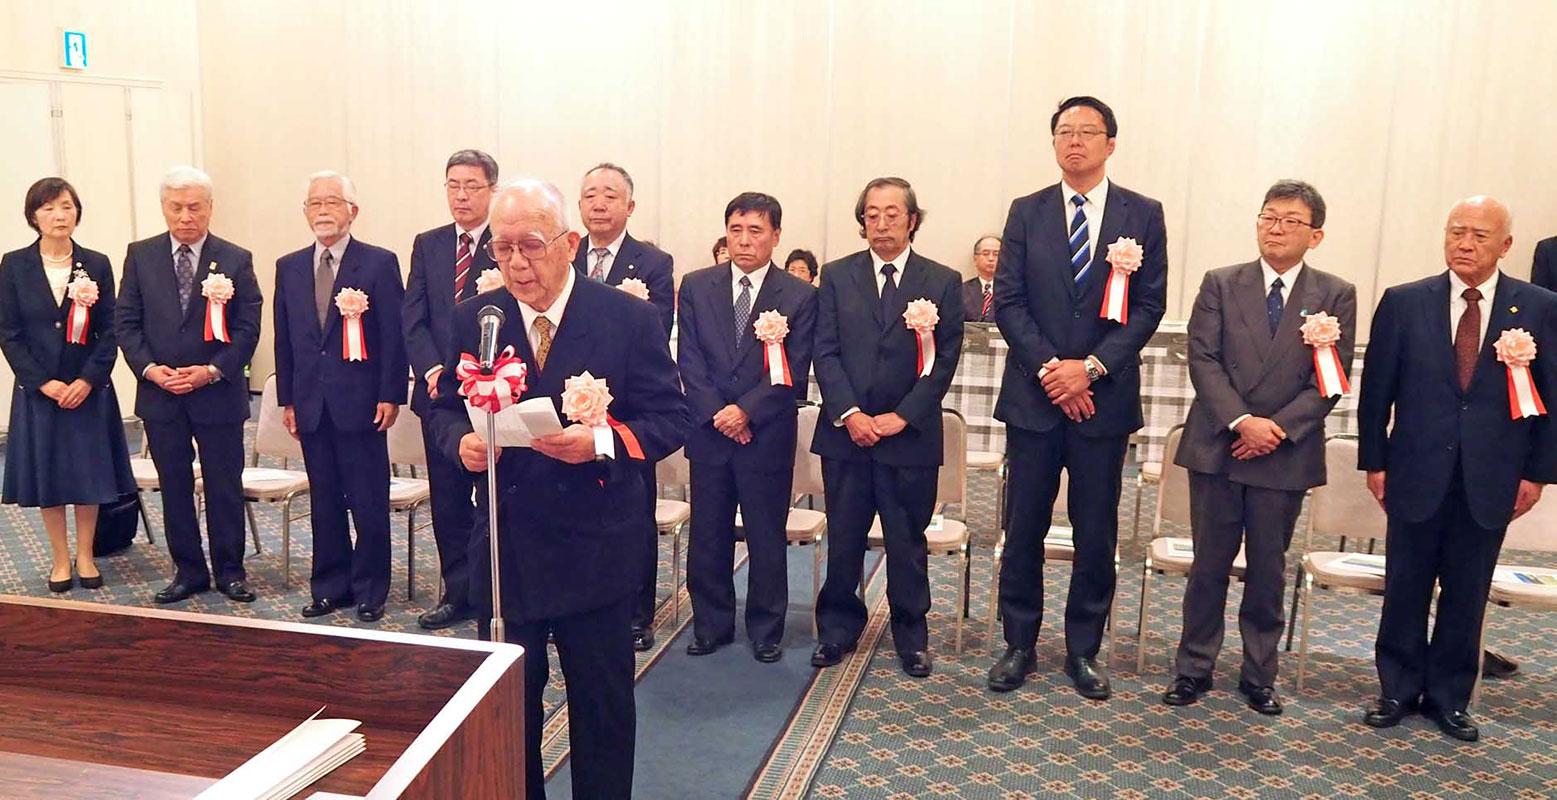 市勢功労者を代表し謝辞を述べる小野寺哲さん